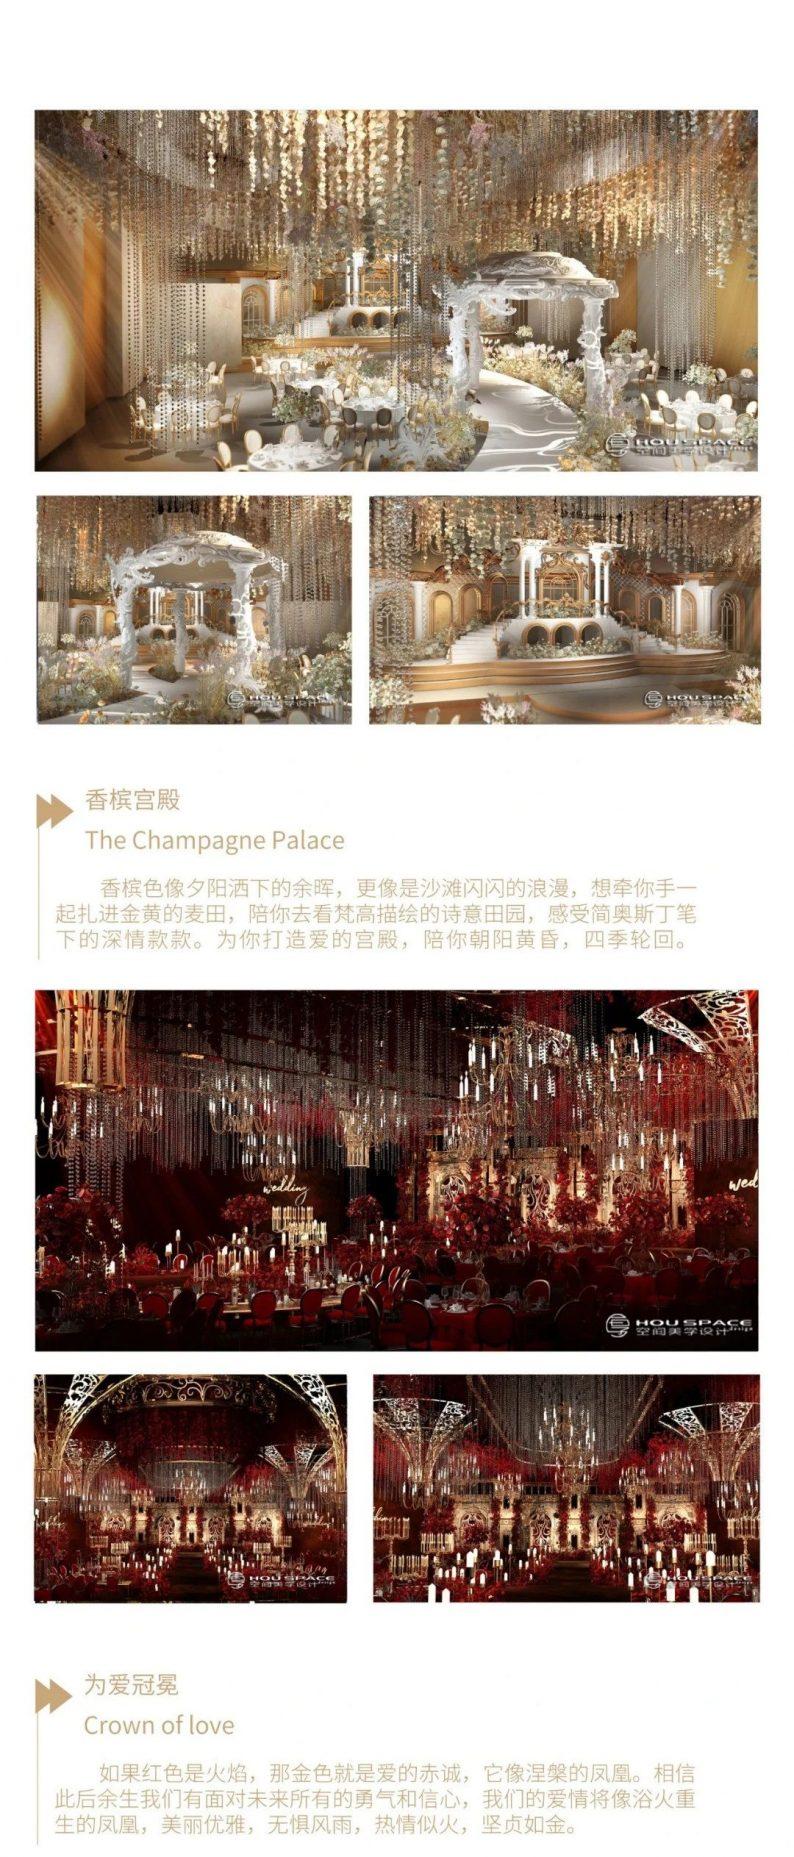 婚礼堂发布:斥资600万的四大主题宴会厅,12月荣耀问世  第3张